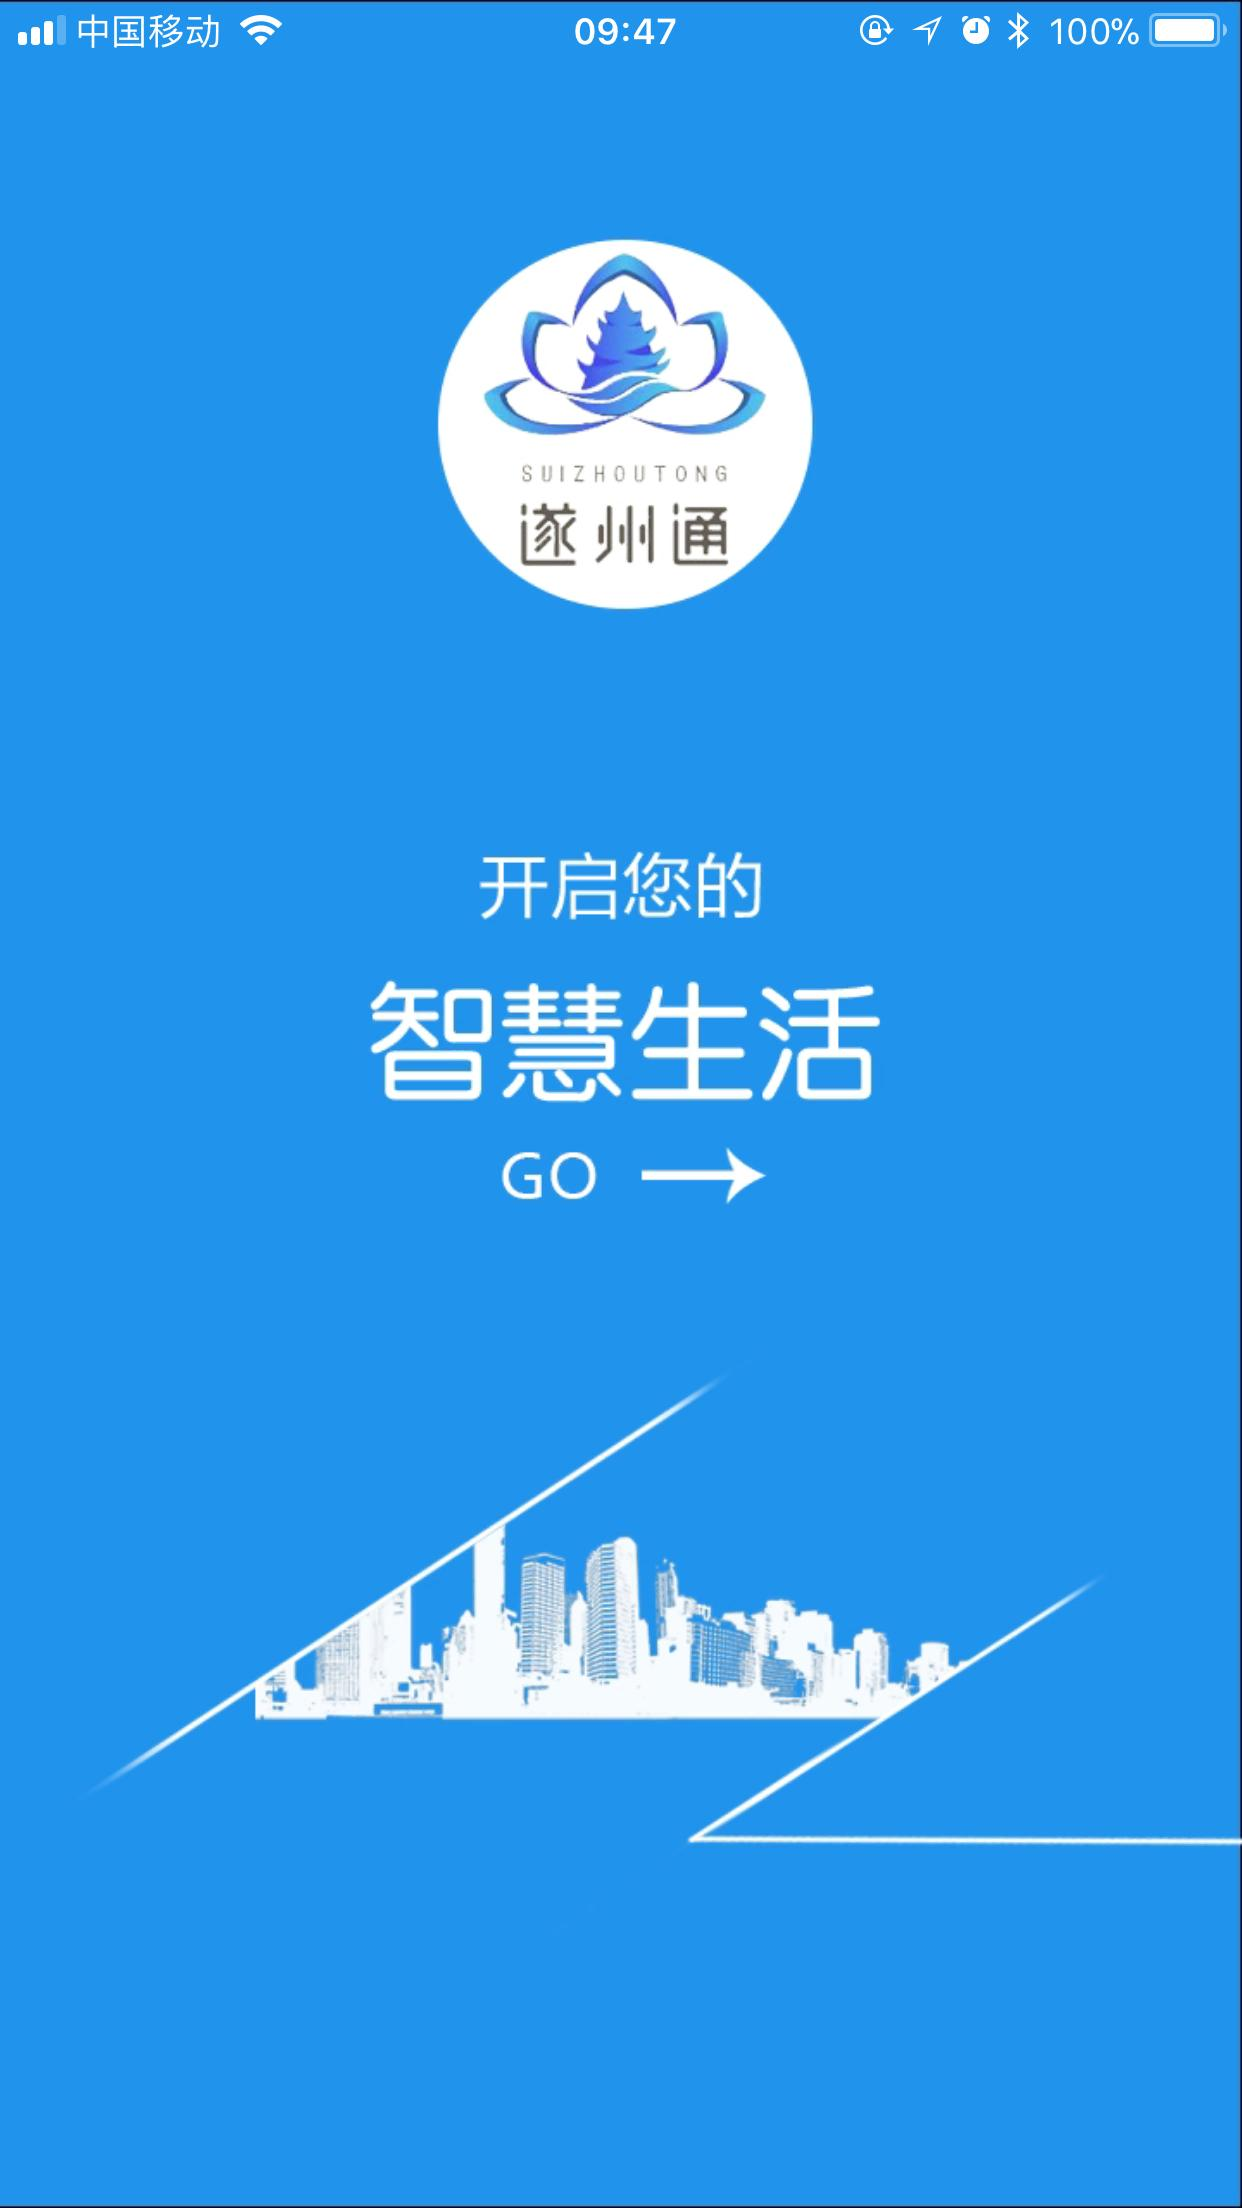 遂州通软件(一卡通) v1.1.0 安卓吧 0